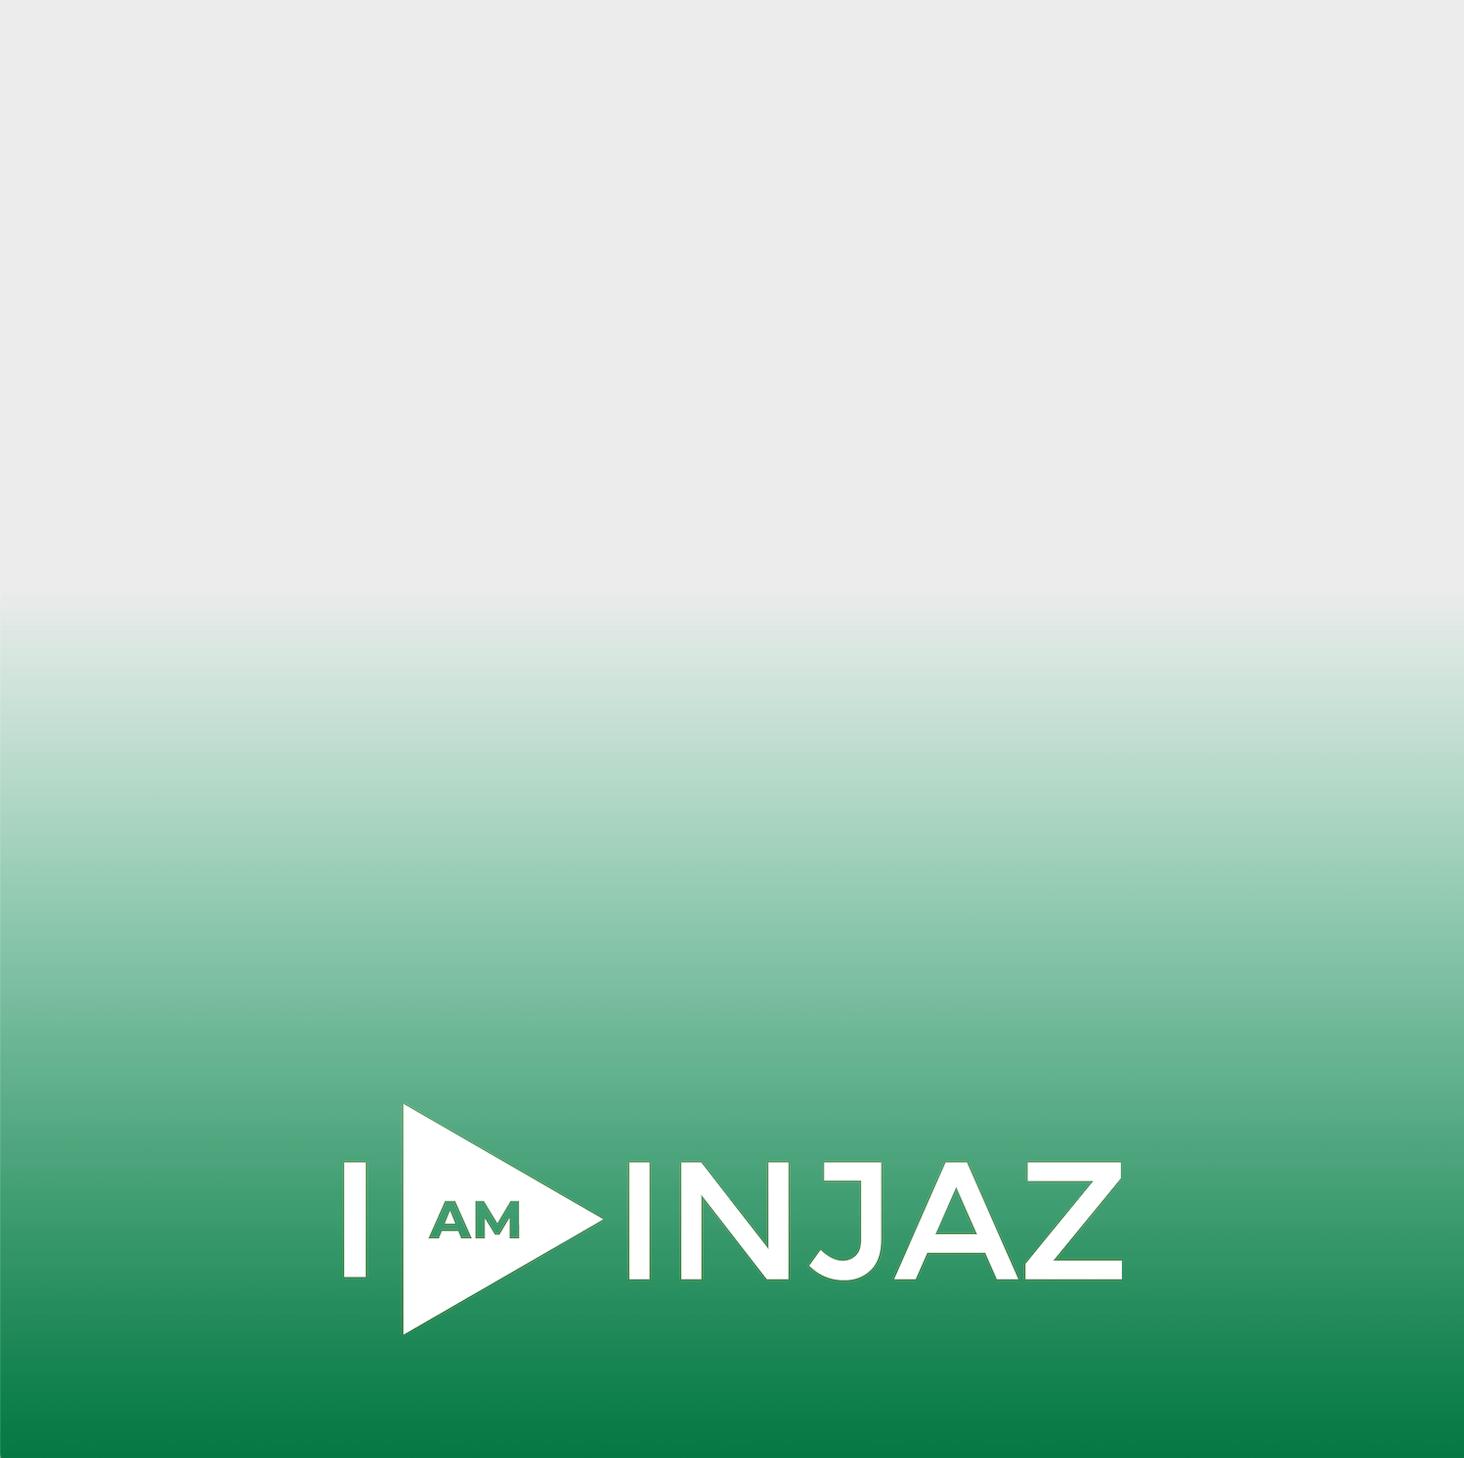 I am INJAZ frame-2.png